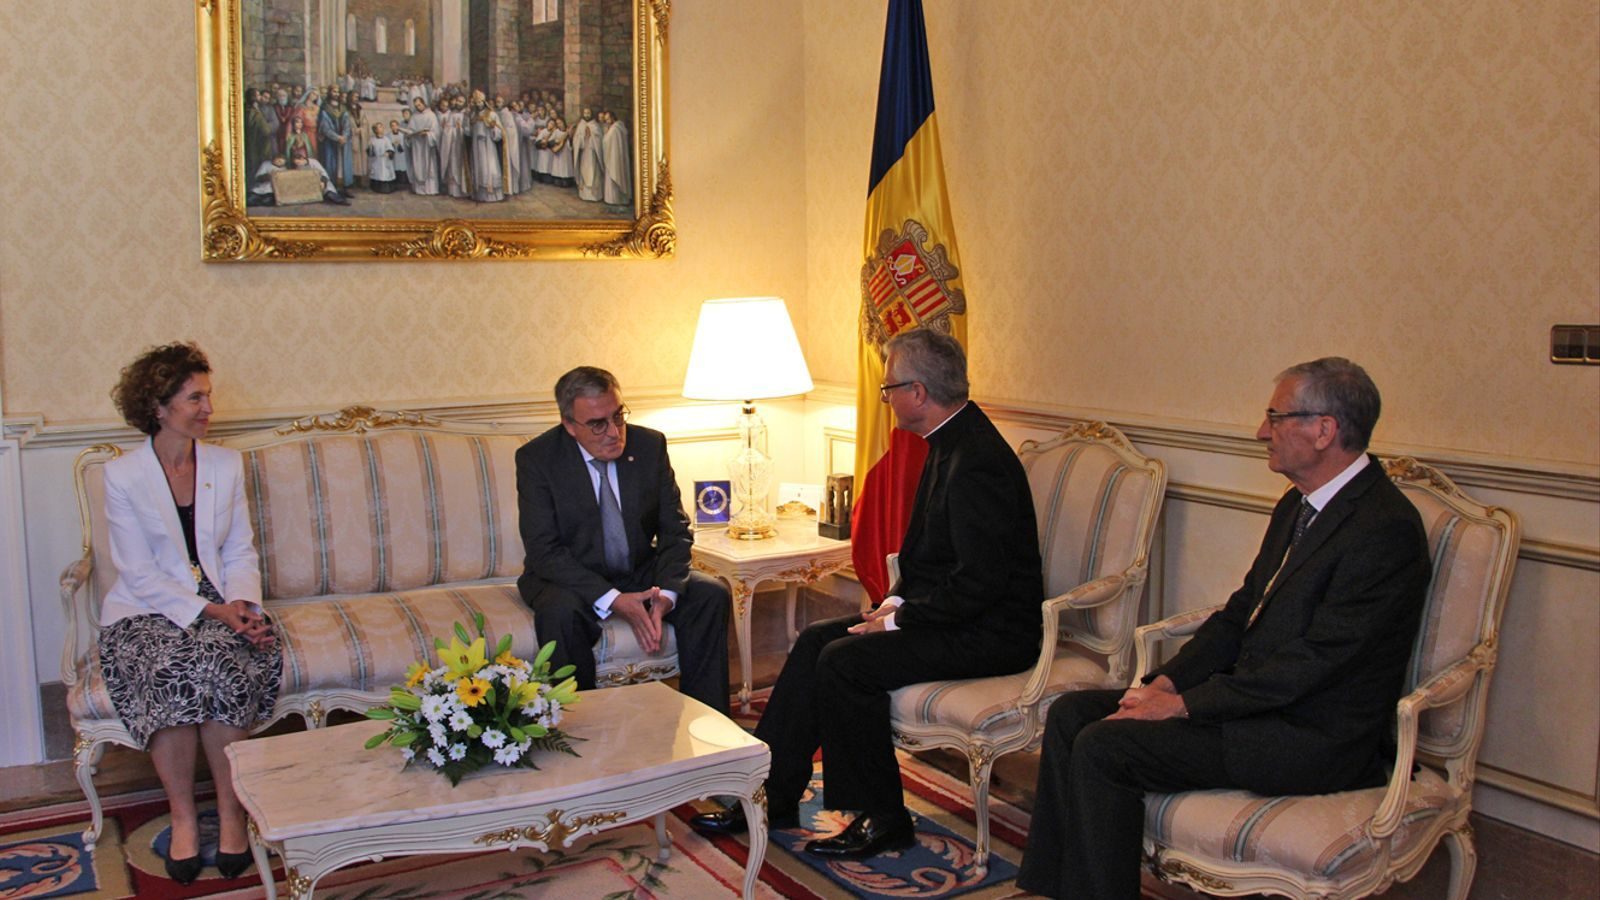 La ministra d'Afers Exteriors del Govern d'Andorra, Maria Ubach, i el representant del copríncep episcopal a Andorra, mossèn Josep Maria Mauri, han acompanyat al nou ambaixador i al copríncep després de l'entrega de les cartes credencials. / P. R.